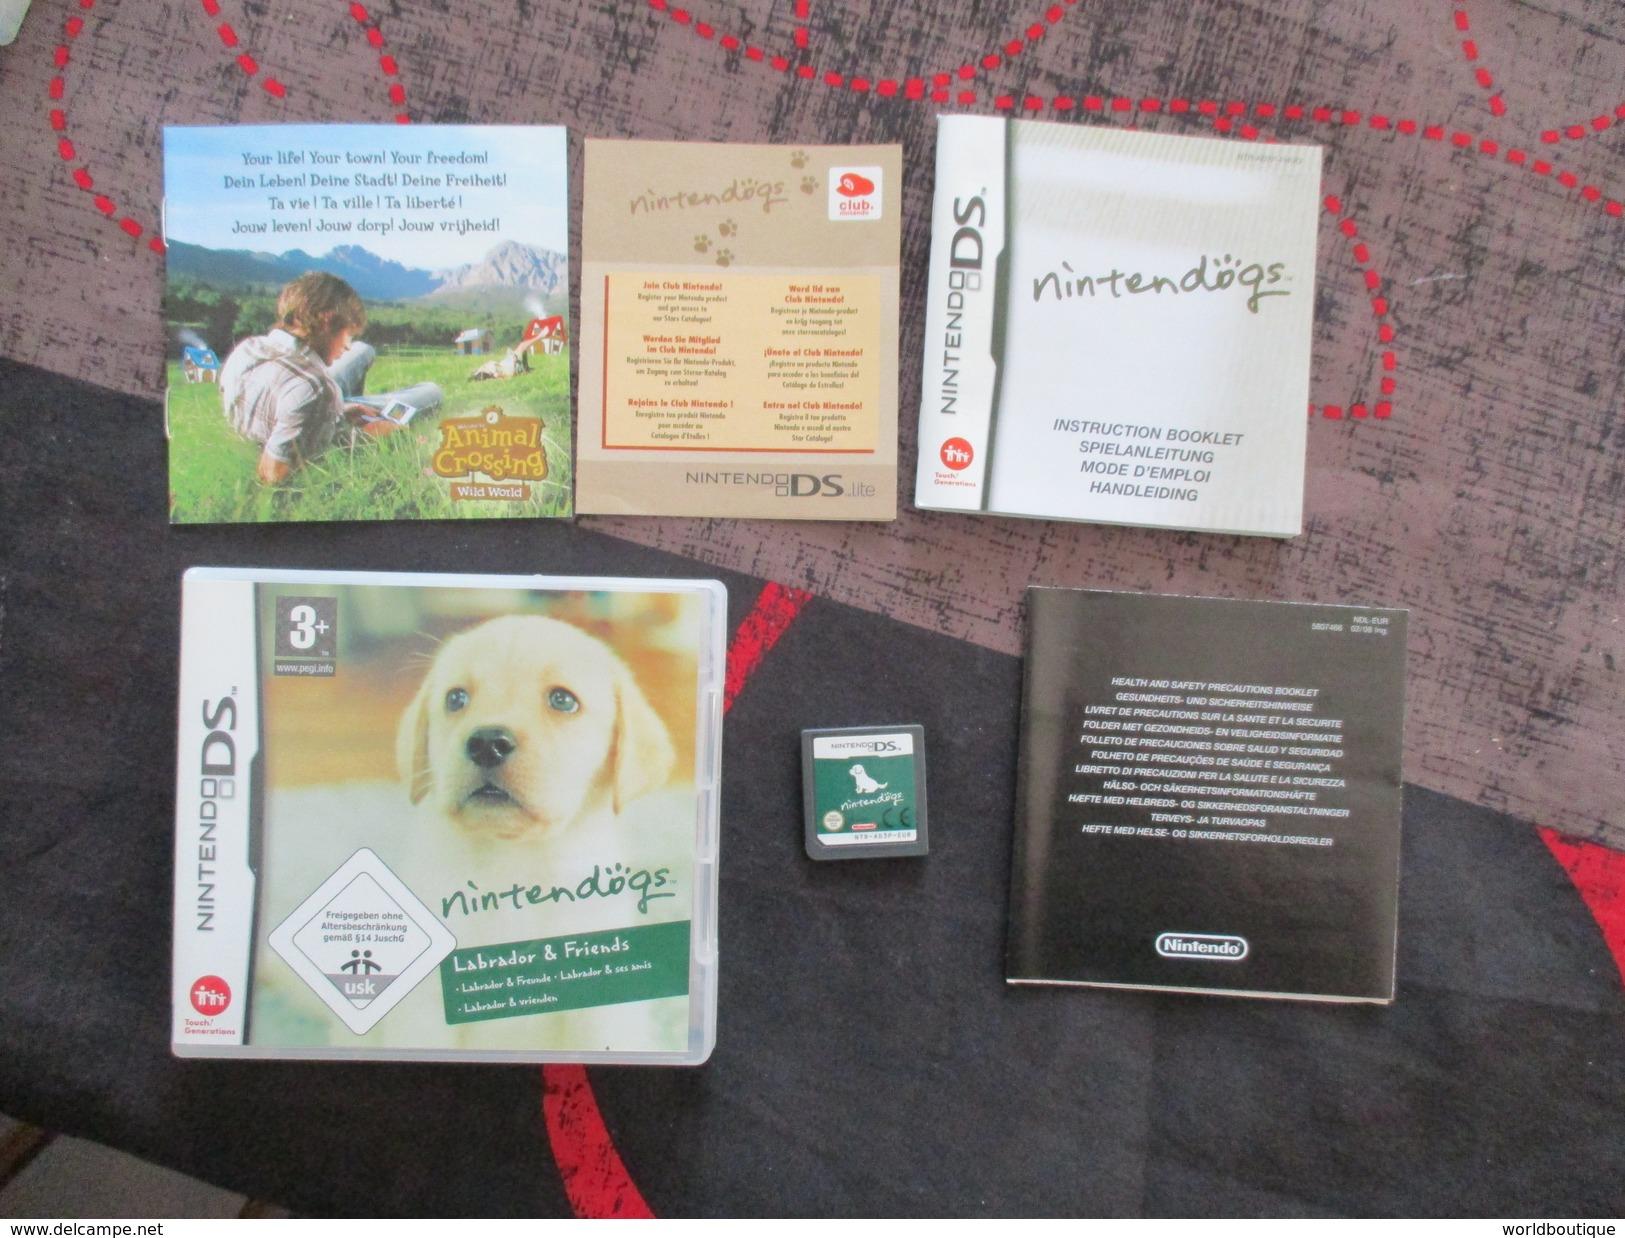 JEU NITENDO DS NITENDOGS Labrador Et Friends  (complet Voir Photo ) - Nintendo 64